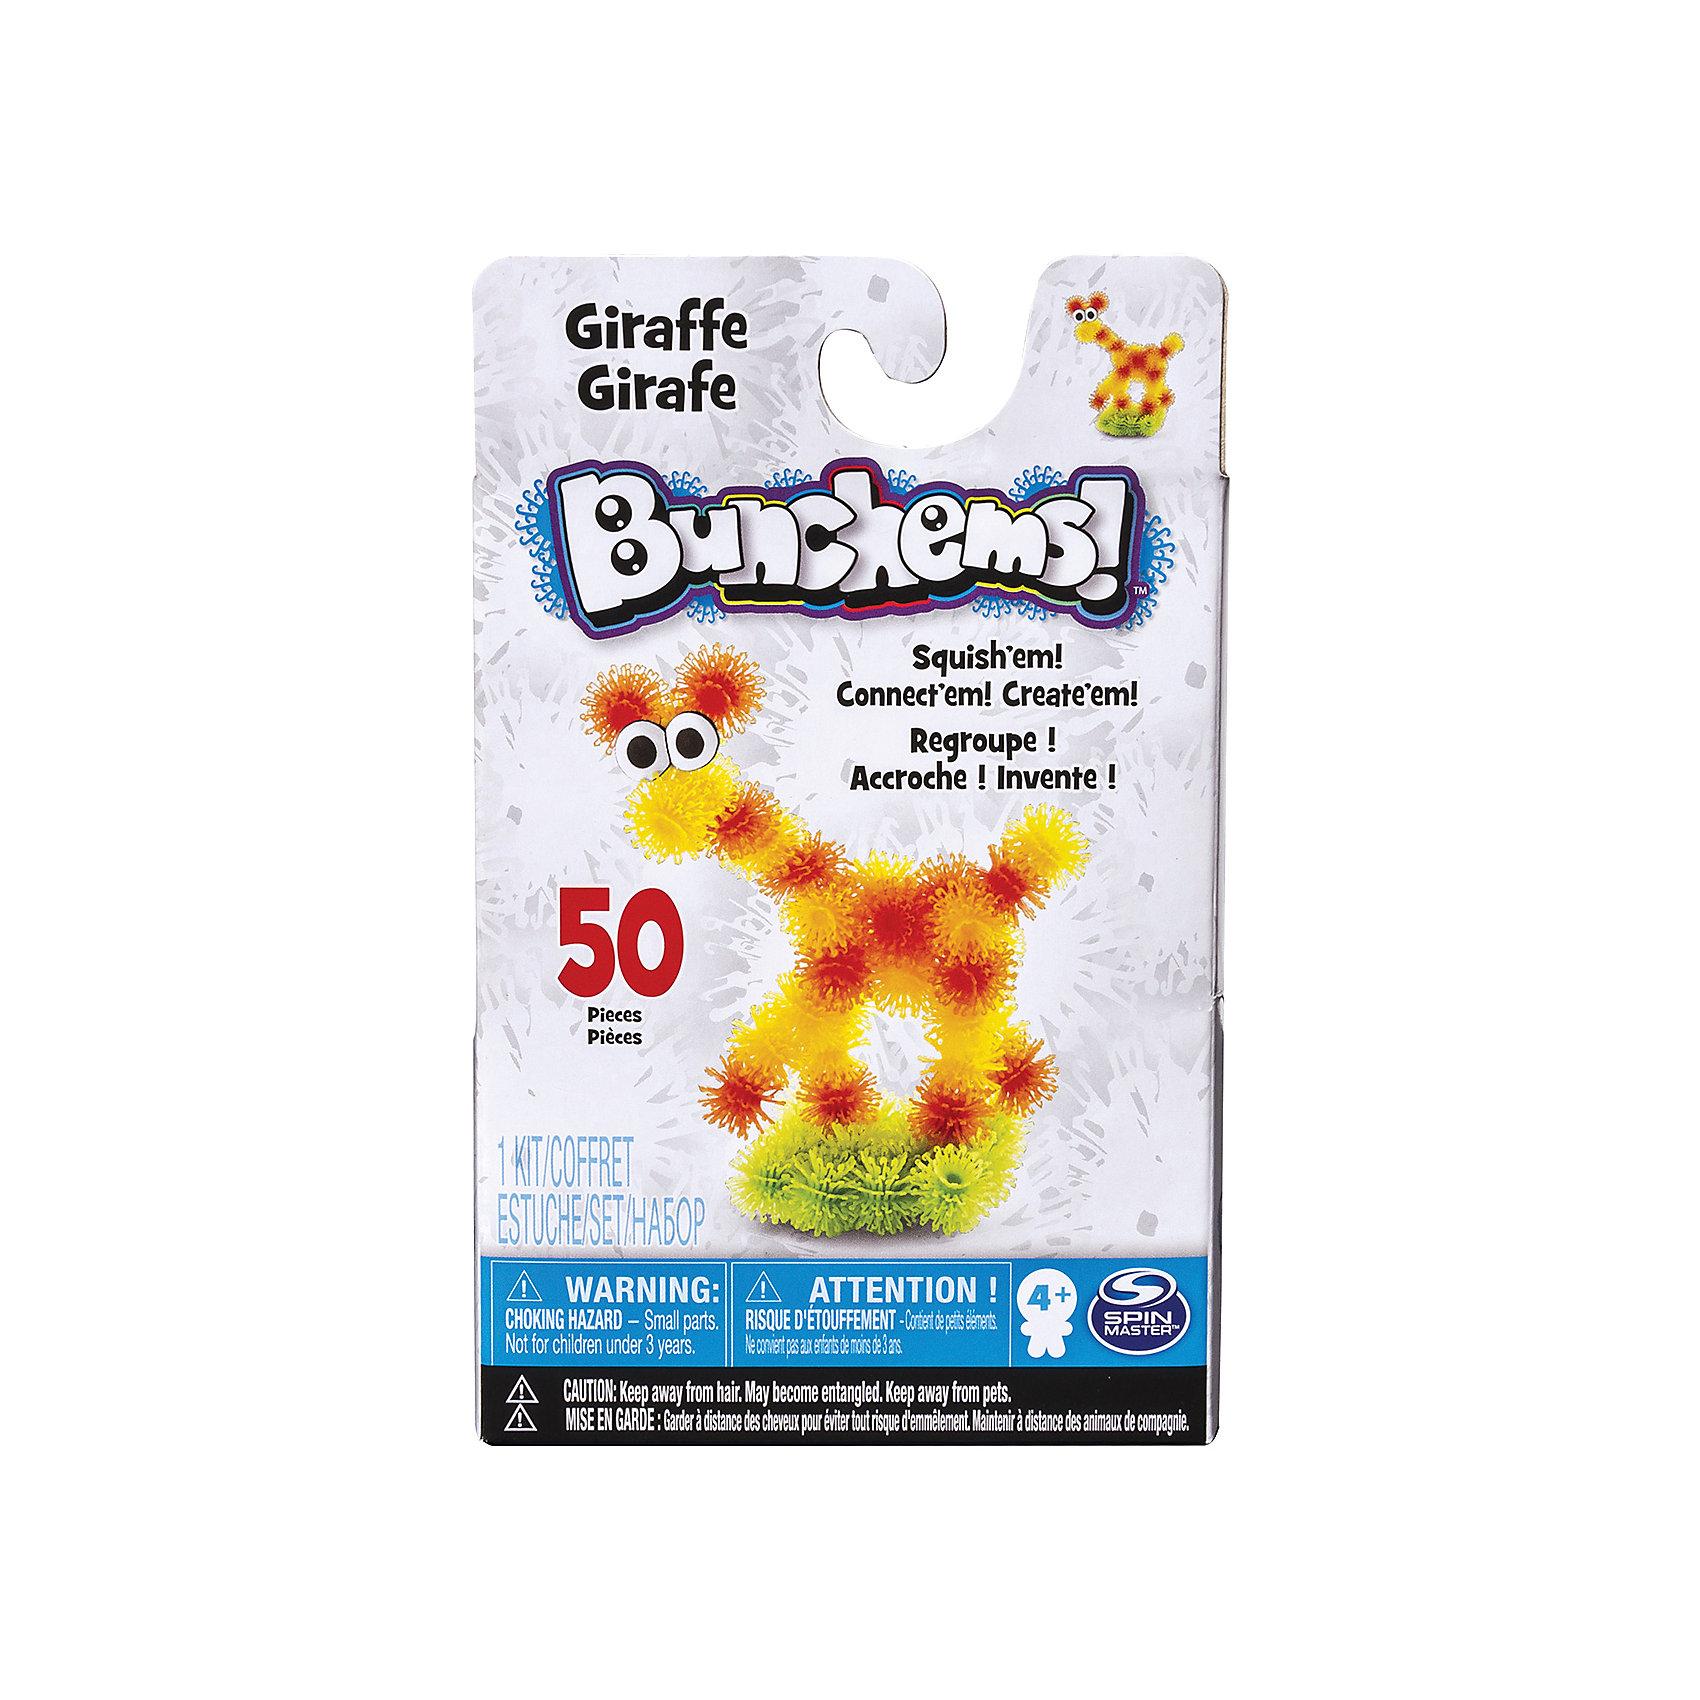 Набор Жираф, BunchemsПластмассовые конструкторы<br>Набор Жираф, Bunchems (Банчемс).<br><br>Характеристики:<br><br>- Возраст: от 4 лет<br>- Для мальчиков и девочек<br>- В наборе: 50 шариков-репейников (желтого, оранжевого и зеленого), глаза, инструкция<br>- Диаметр шарика-репейника: 2 см.<br>- Материал: мягкий качественный нетоксичный пластик, окрашенный в яркие цвета гипоаллергенными красителями<br>- Размер упаковки: 11,5 x 4,5 x 18,5 см.<br>- Упаковка: картонная коробка<br><br>С помощью мягкого конструктора-липучки Bunchems (Банчемс) Жираф от торговой марки Spin Master ваш малыш сможет собрать фигурку симпатичного яркого жирафа, стоящего на пушистой травке. А дополнительный аксессуар, глаза, сделает образ животного более забавным. Конструктор работает на простом и эффективном принципе, который создатели этой серии игрушек подсмотрели у природы! Элементы конструктора - шарики - с помощью мини-крючков легко соединяются между собой и также легко разъединяются, как репейник. В результате горсти таких шариков можно придавать разнообразную форму. Для лучшего сцепления необходимо как можно плотнее прижимать детали. Получившаяся фигурка не разваливается, с ней можно играть дома, на улице, в ванной – где угодно! Элементы конструктора выполнены из мягкого безопасного пластика, в центре шариков находятся отверстия для аксессуаров. Конструктор отлично развивает фантазию и пространственное мышление ребенка. Элементы конструктора упакованы в специальную картонную коробку, цвета шариков разделены при помощи поддона с ячейками. С конструктором не рекомендуется играть детям младше 4 лет. Перед игрой у девочек волосы следует собрать в хвост или в пучок во избежание запутывания игровых элементов! После окончания игры все детали убрать в коробку для исключения травмирующих ситуаций!<br><br>Набор Жираф, Bunchems (Банчемс) можно купить в нашем интернет-магазине.<br><br>Ширина мм: 145<br>Глубина мм: 221<br>Высота мм: 233<br>Вес г: 300<br>Возраст от месяцев: 48<br>Возраст до месяцев: 144<